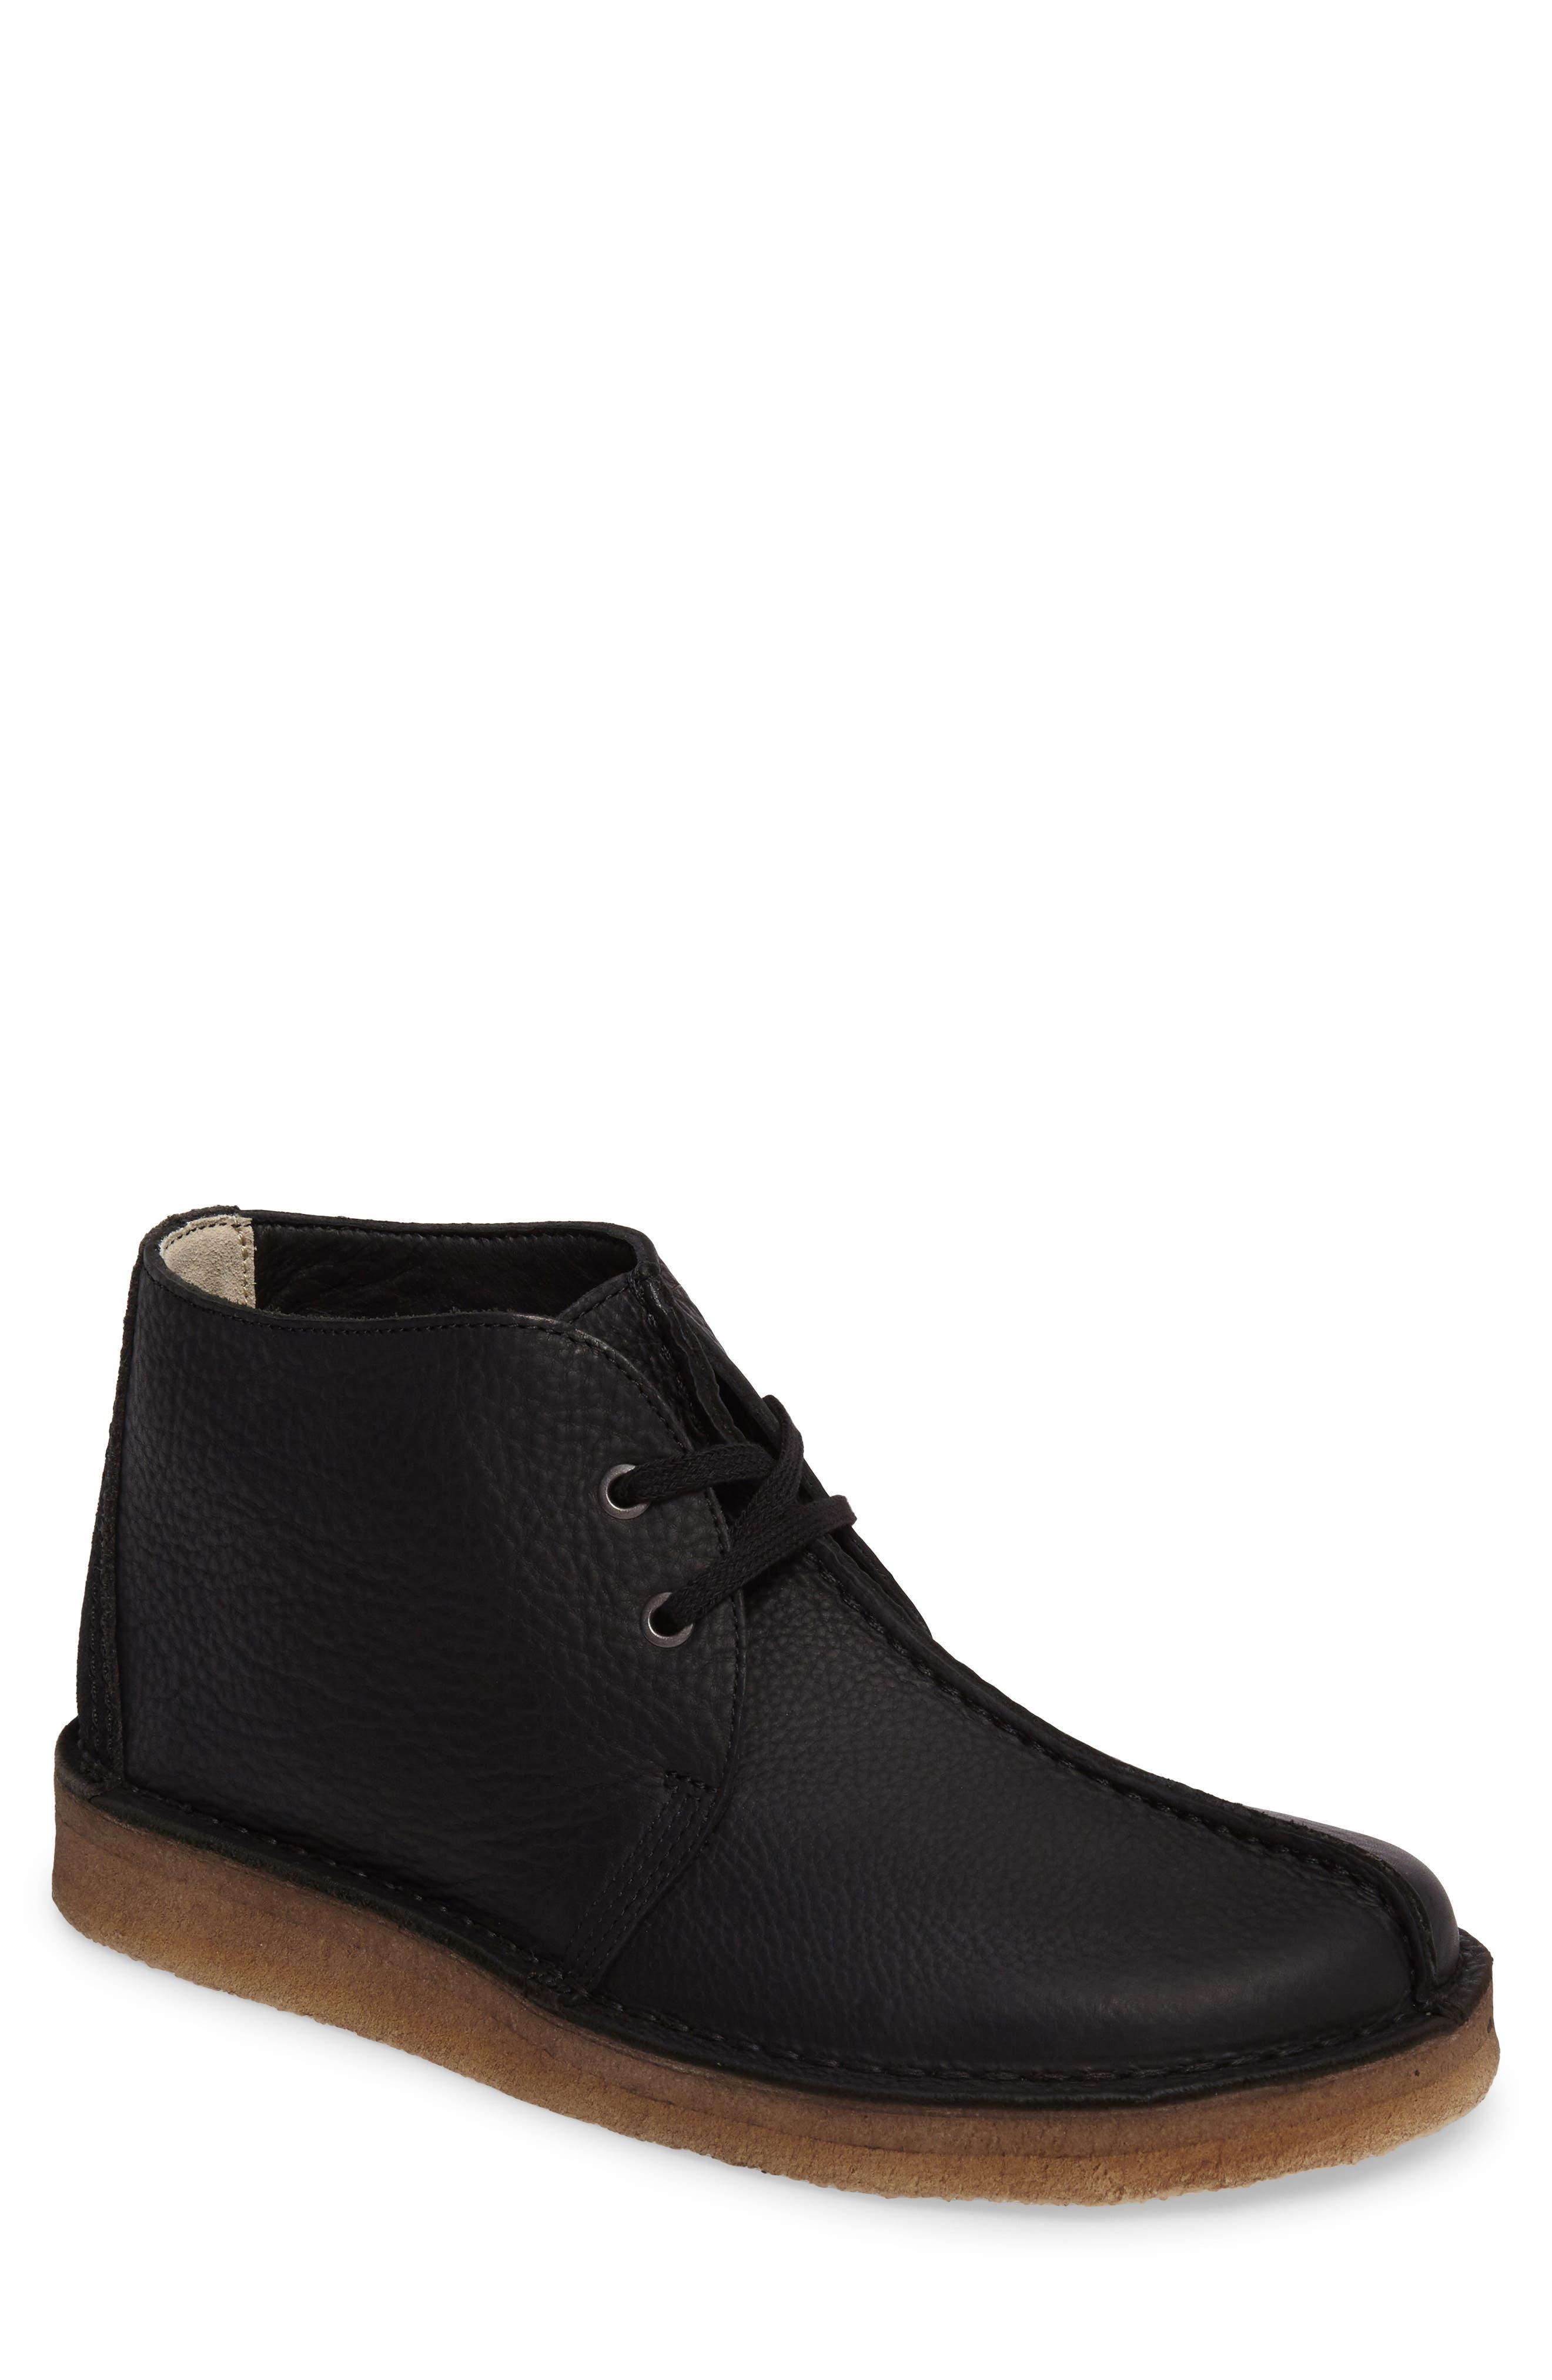 Main Image - Clarks Desert Trek Leather Boot (Men)